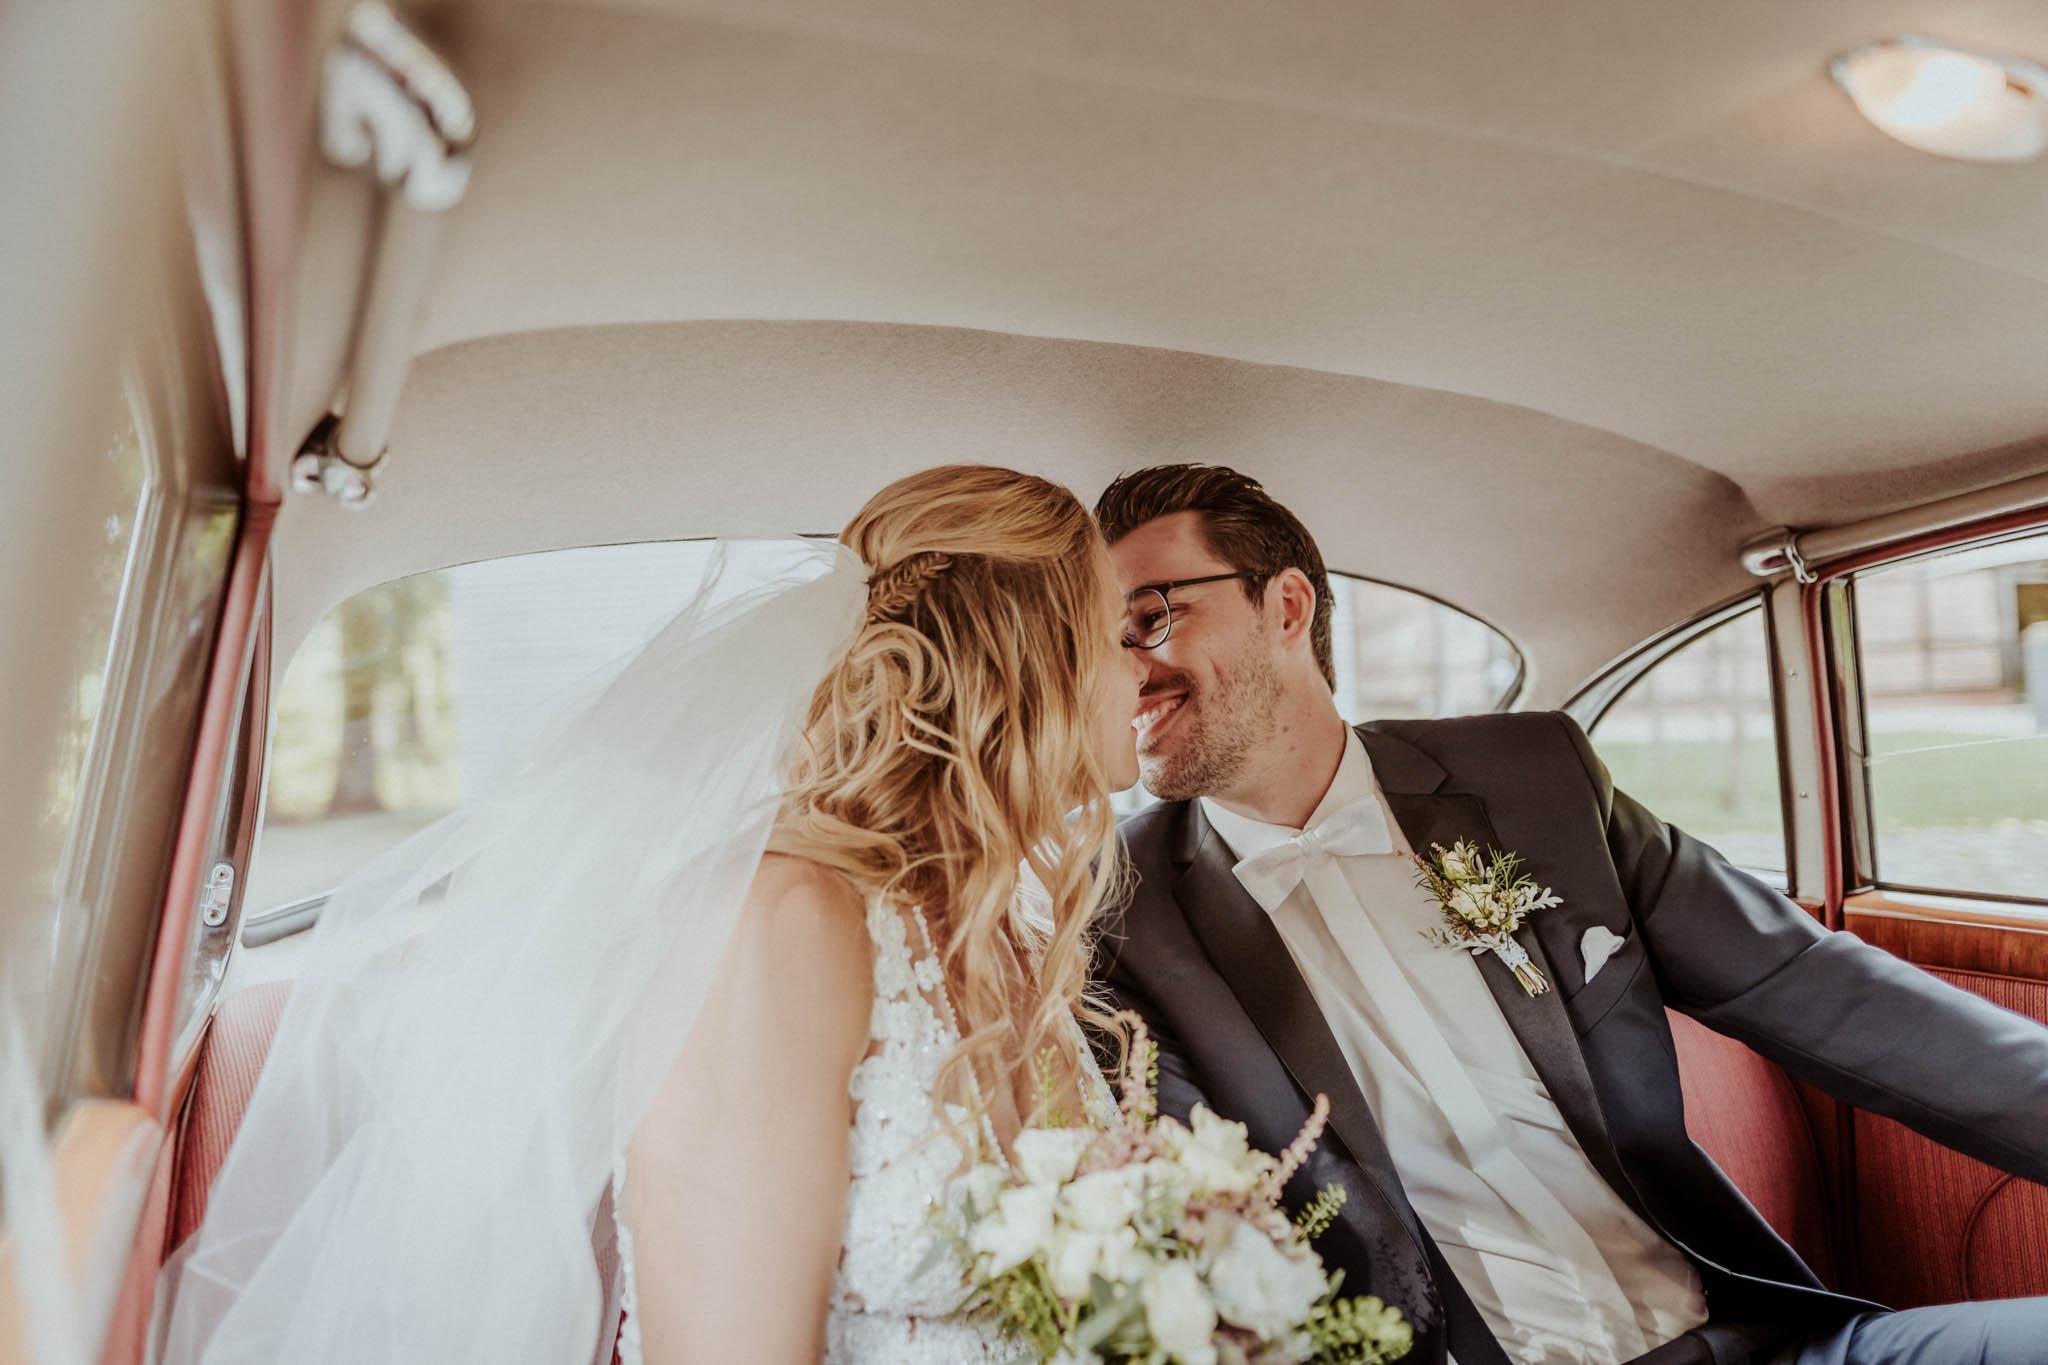 Hochzeitsfieber by Photo-Schomburg, Hochzeitsfotograf, Hamburg, Bremen, Hochzeitstag, Hochzeitspaar, Braut, Bräutigam, Bremen-Kränholm,Knoops Park-131